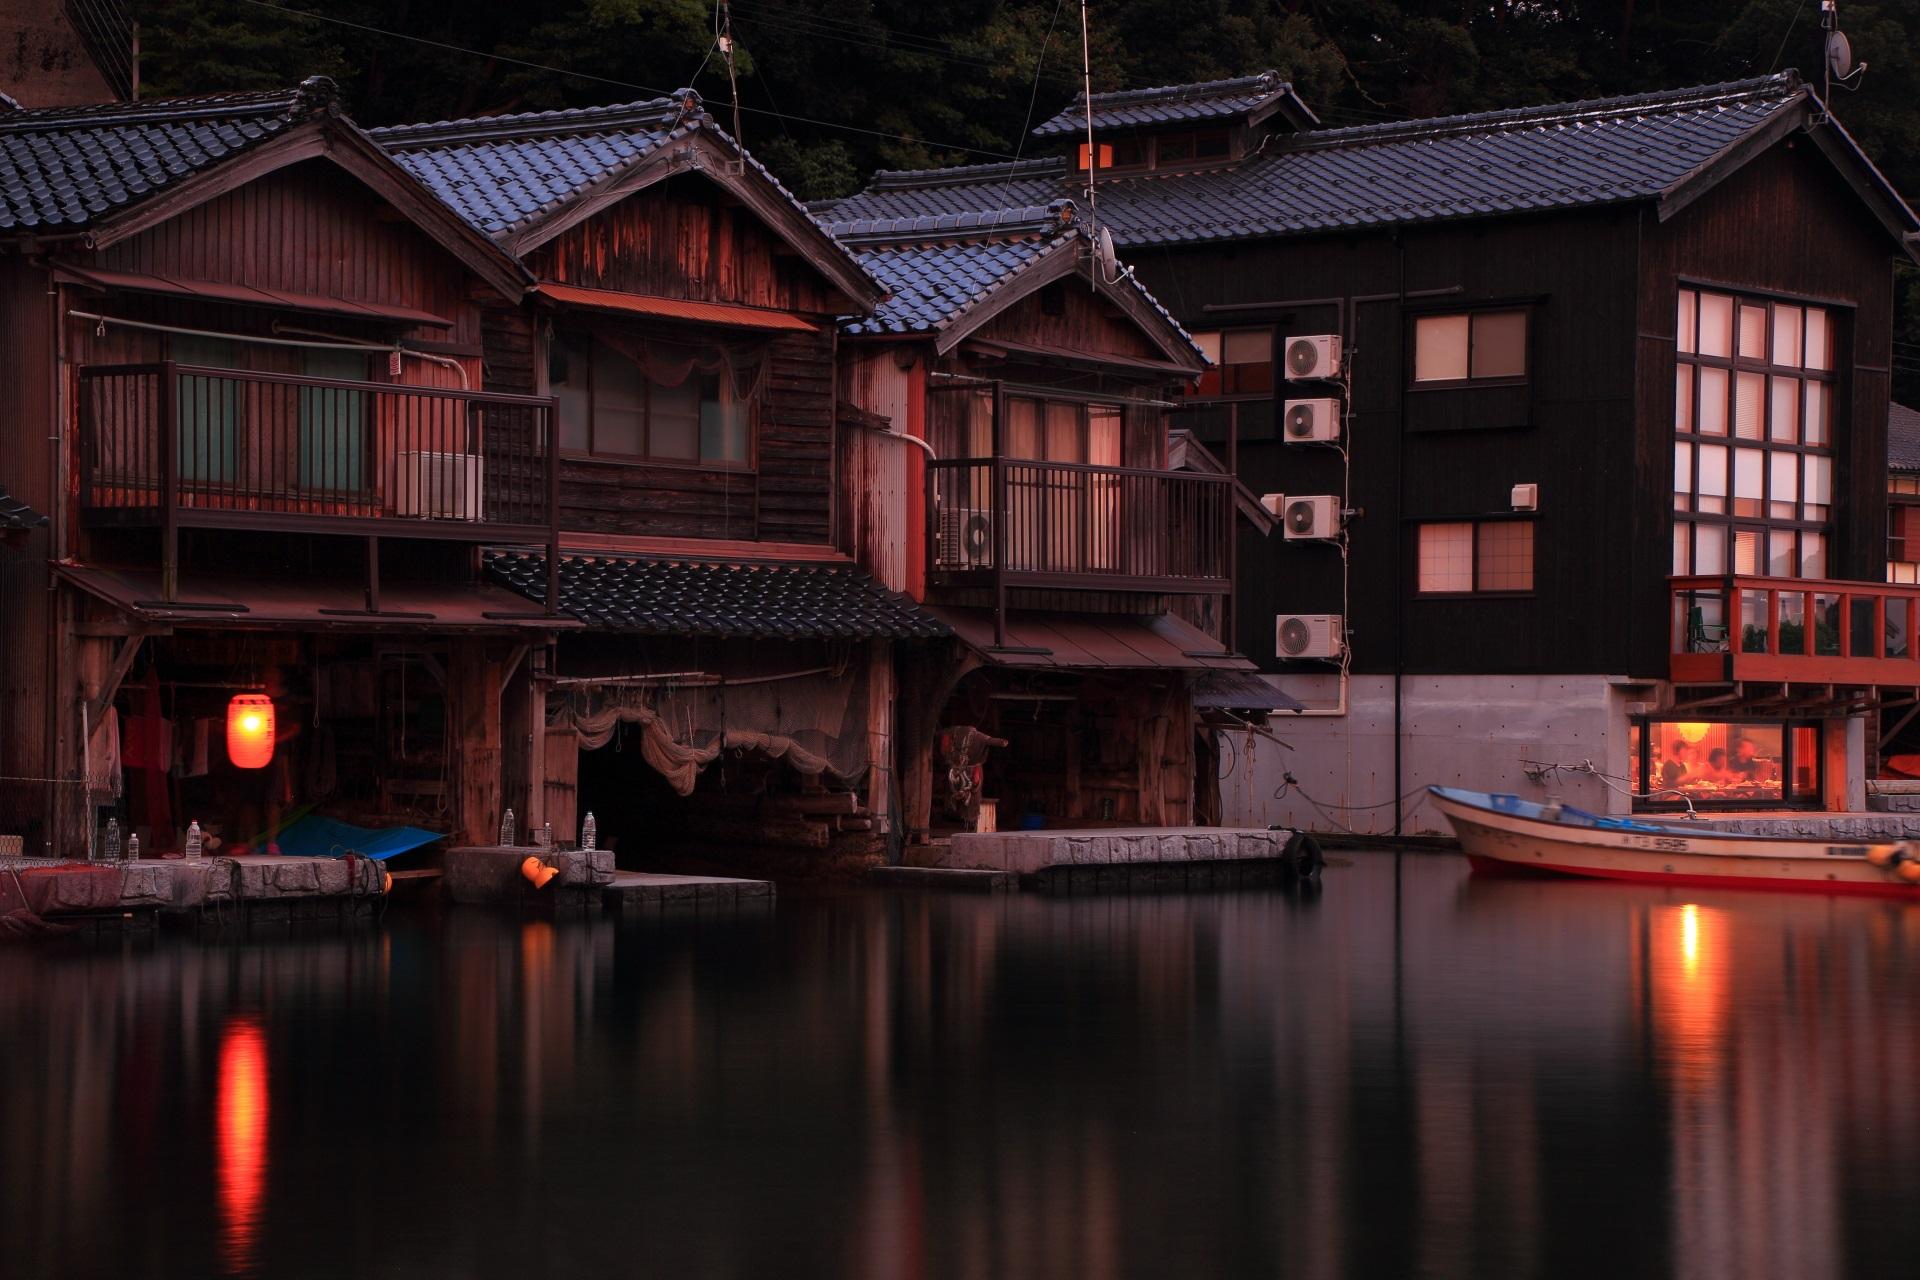 夕陽を浴びる伊根の舟屋